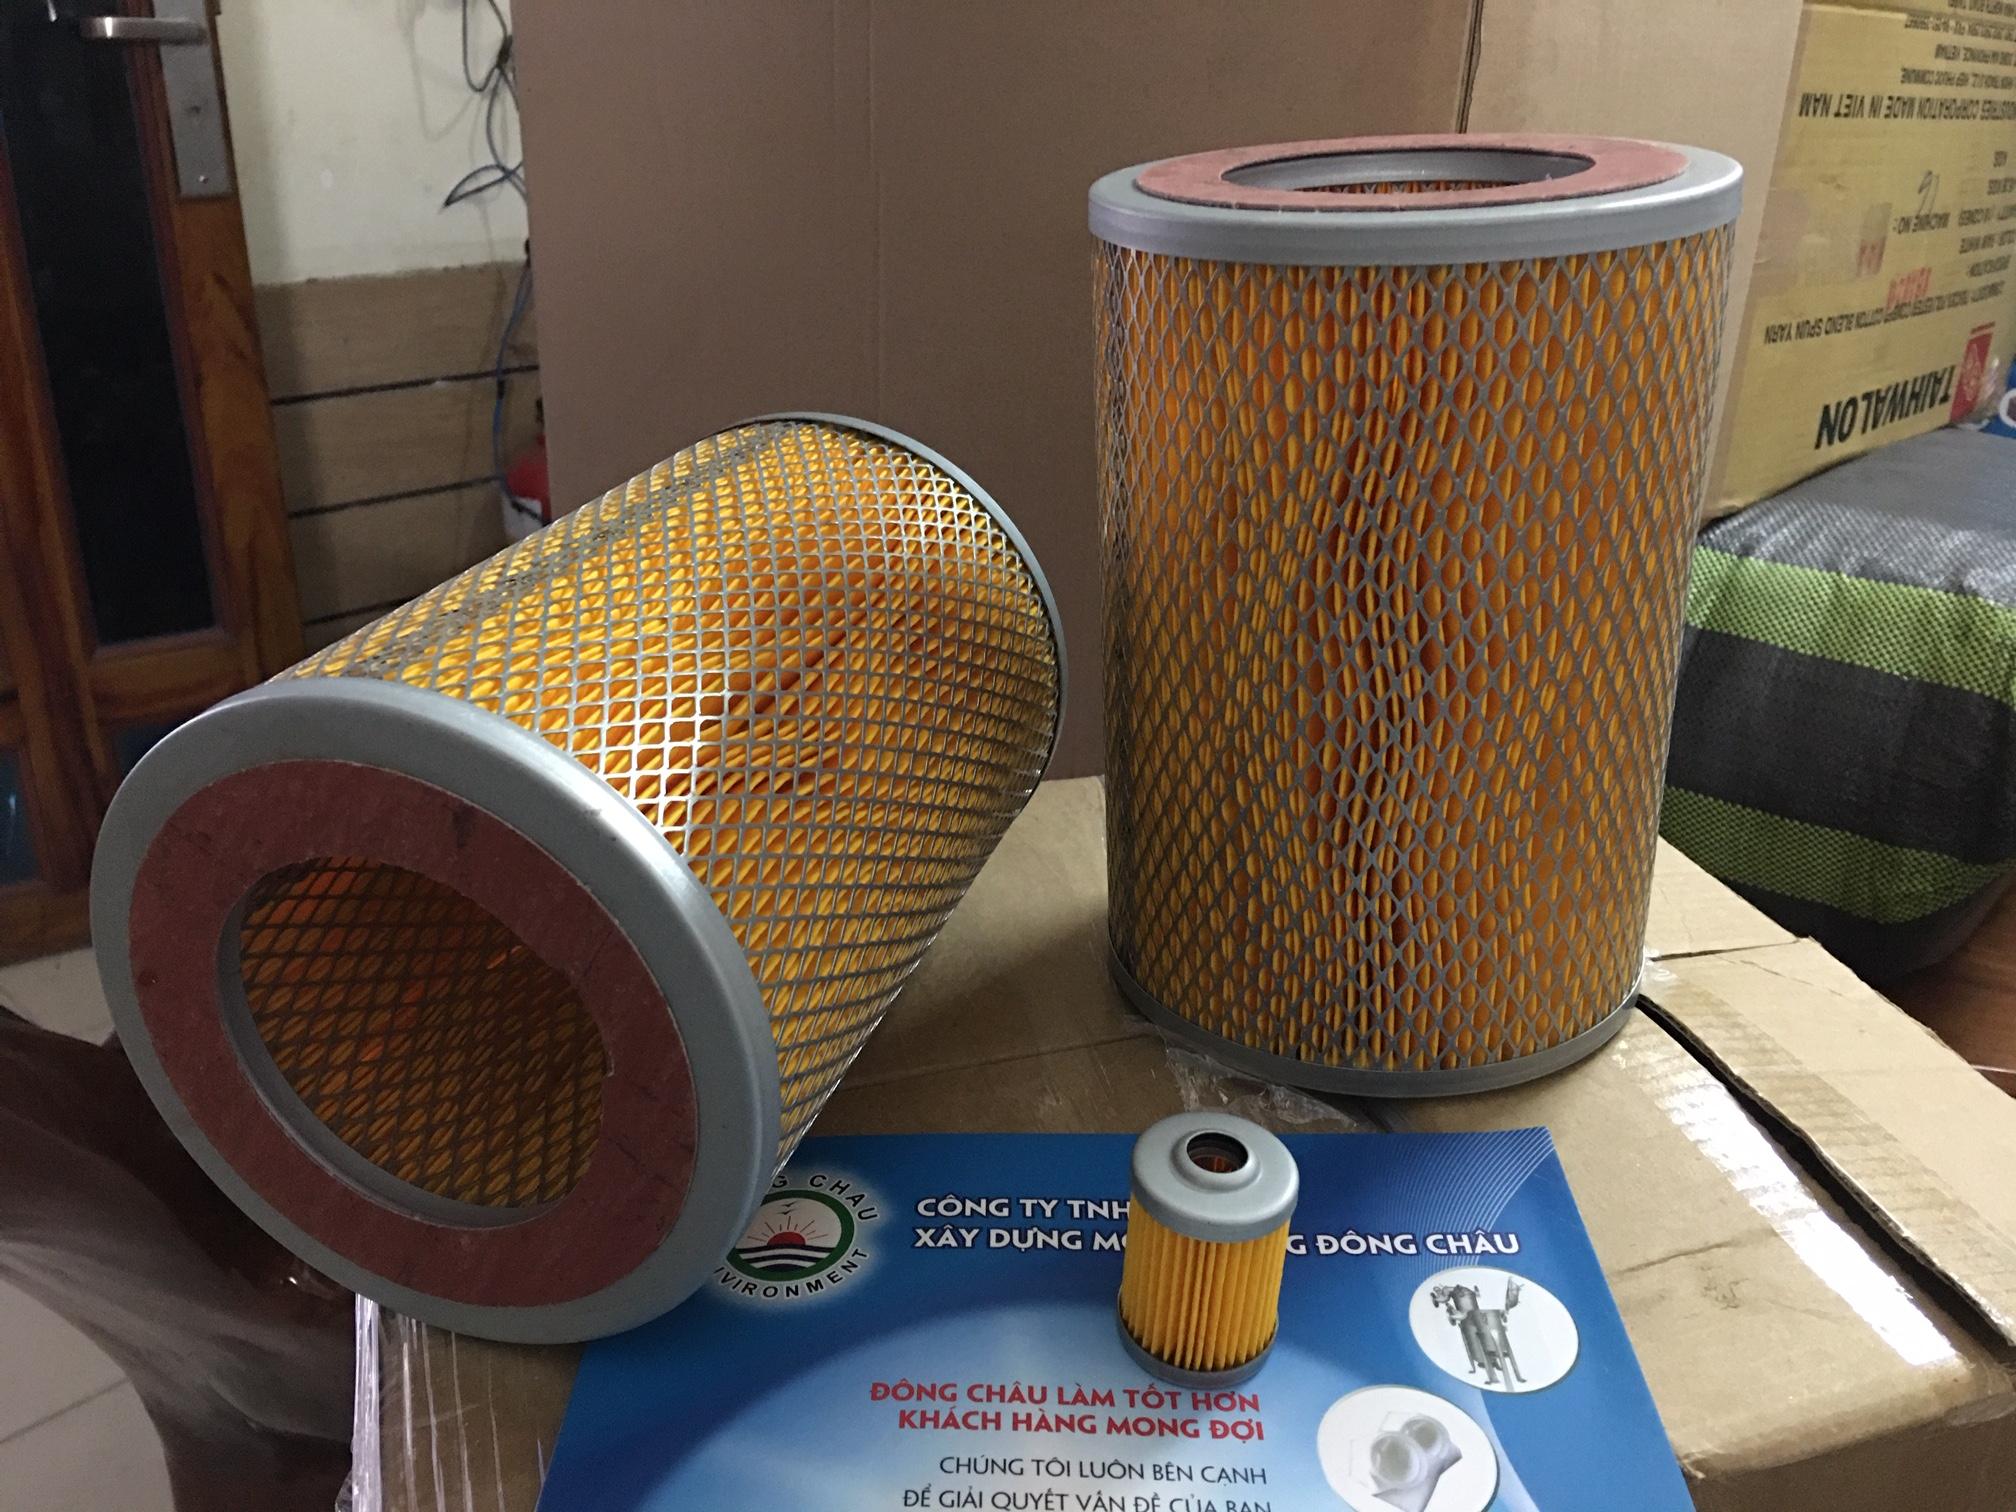 Phin lõi lọc gió 2 mặt lưới cellulozo màu vàng